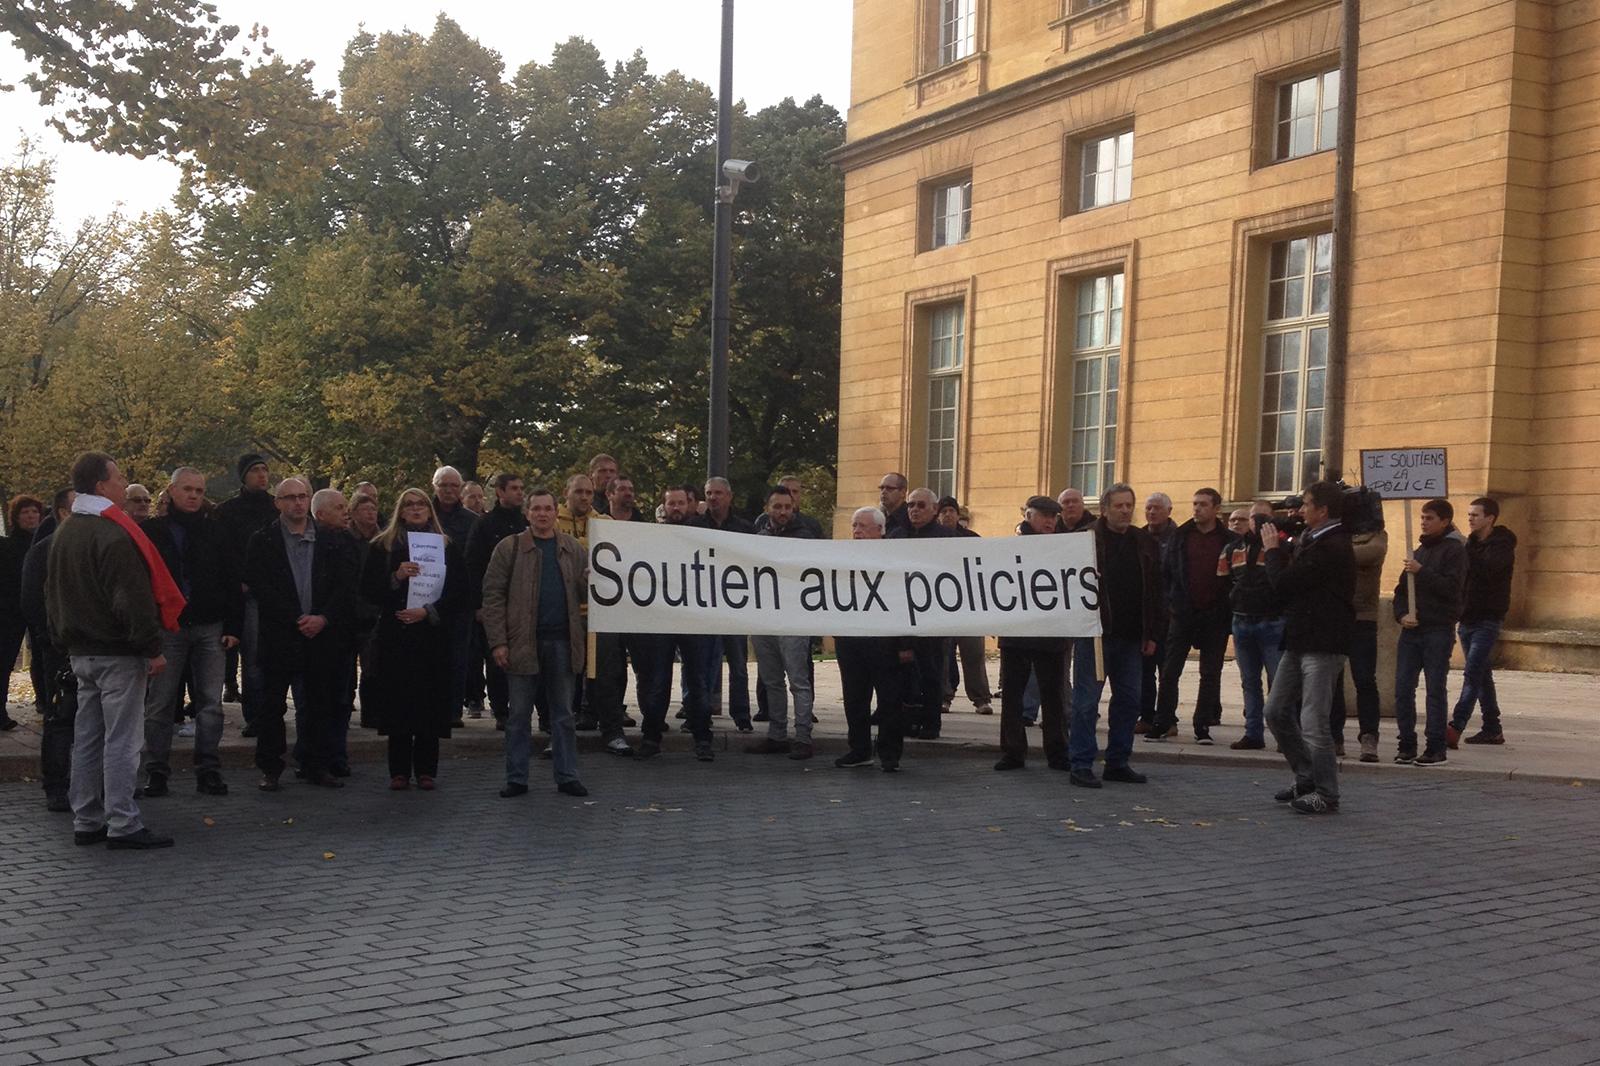 Metz : environ 100 personnes ont marché pour les policiers blessés de l'Essonne